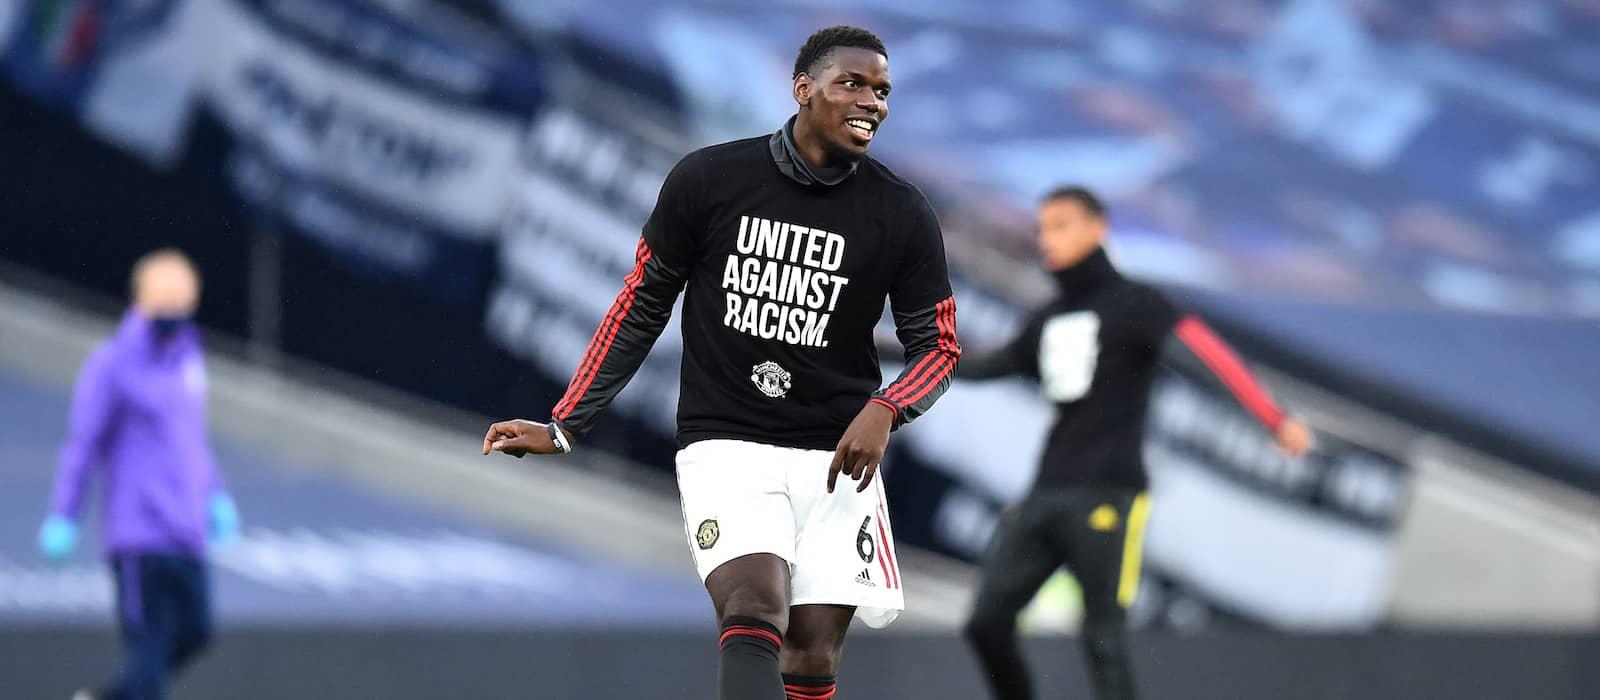 Gary Neville: I never blamed Paul Pogba for Manchester United